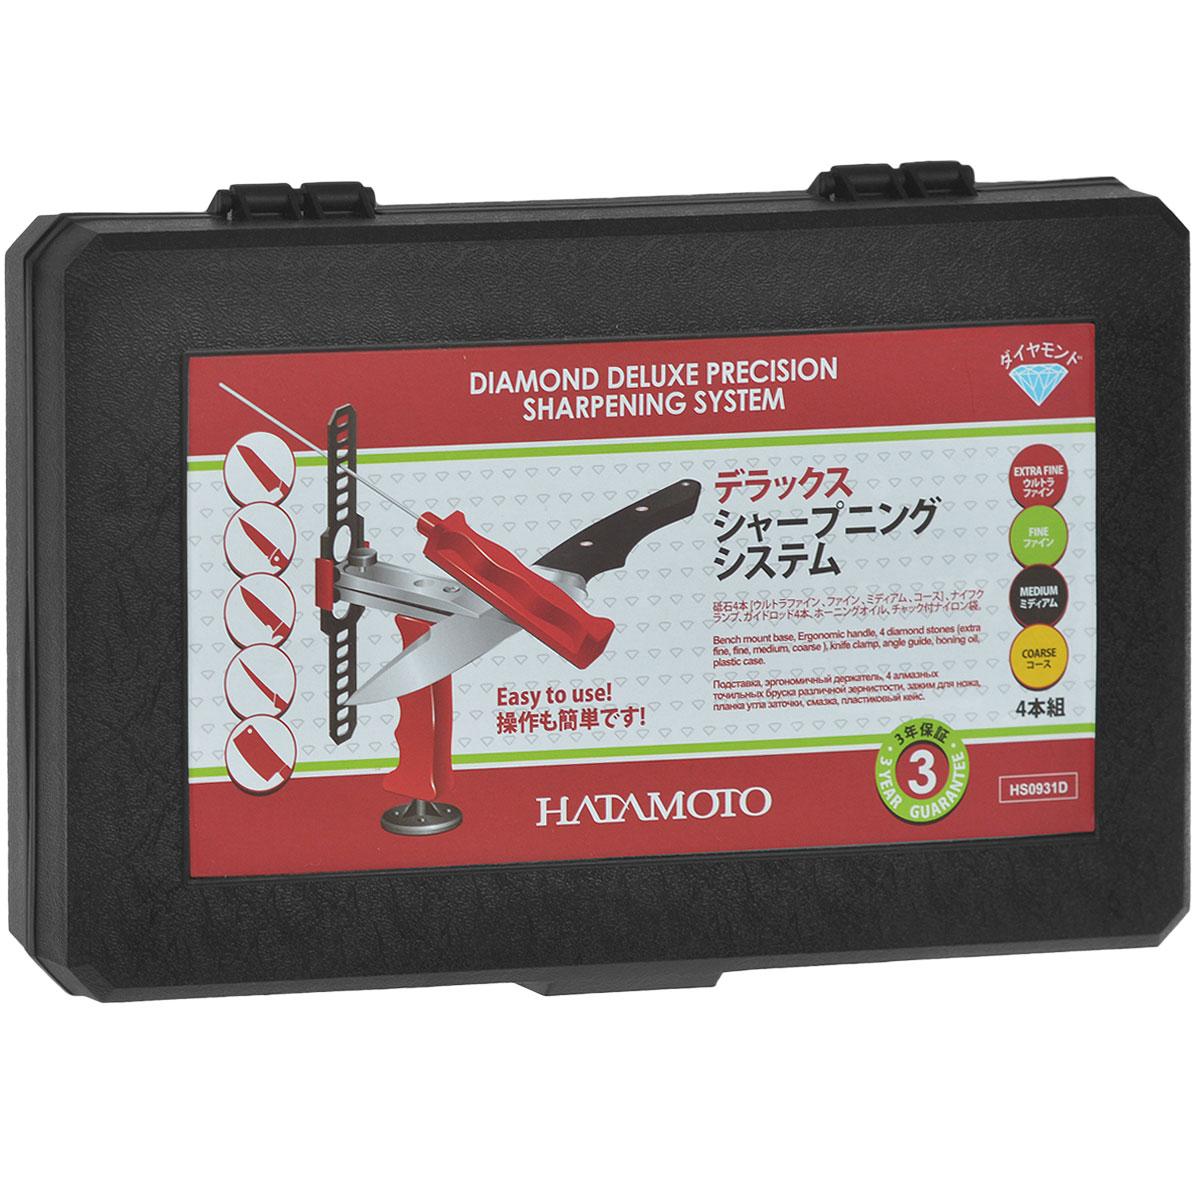 Набор для заточки Hatamoto, с держателем угла заточки54 009312Высококачественная система заточки Hatamoto создана для путешественников, владельцев туристических и кухонных ножей. Она отличается компактностью и небольшим весом, а пластиковый кейс делает точильную систему удобной для транспортировки. Точильные бруски различной зернистости и специальная смазка позволяют достичь бритвенной остроты любого режущего инструмента.Состав набора: подставка, эргономичный держатель, 4 алмазных точильных бруска различной зернистости, зажим для ножа, планка угла заточки, смазка, пластиковый кейс.